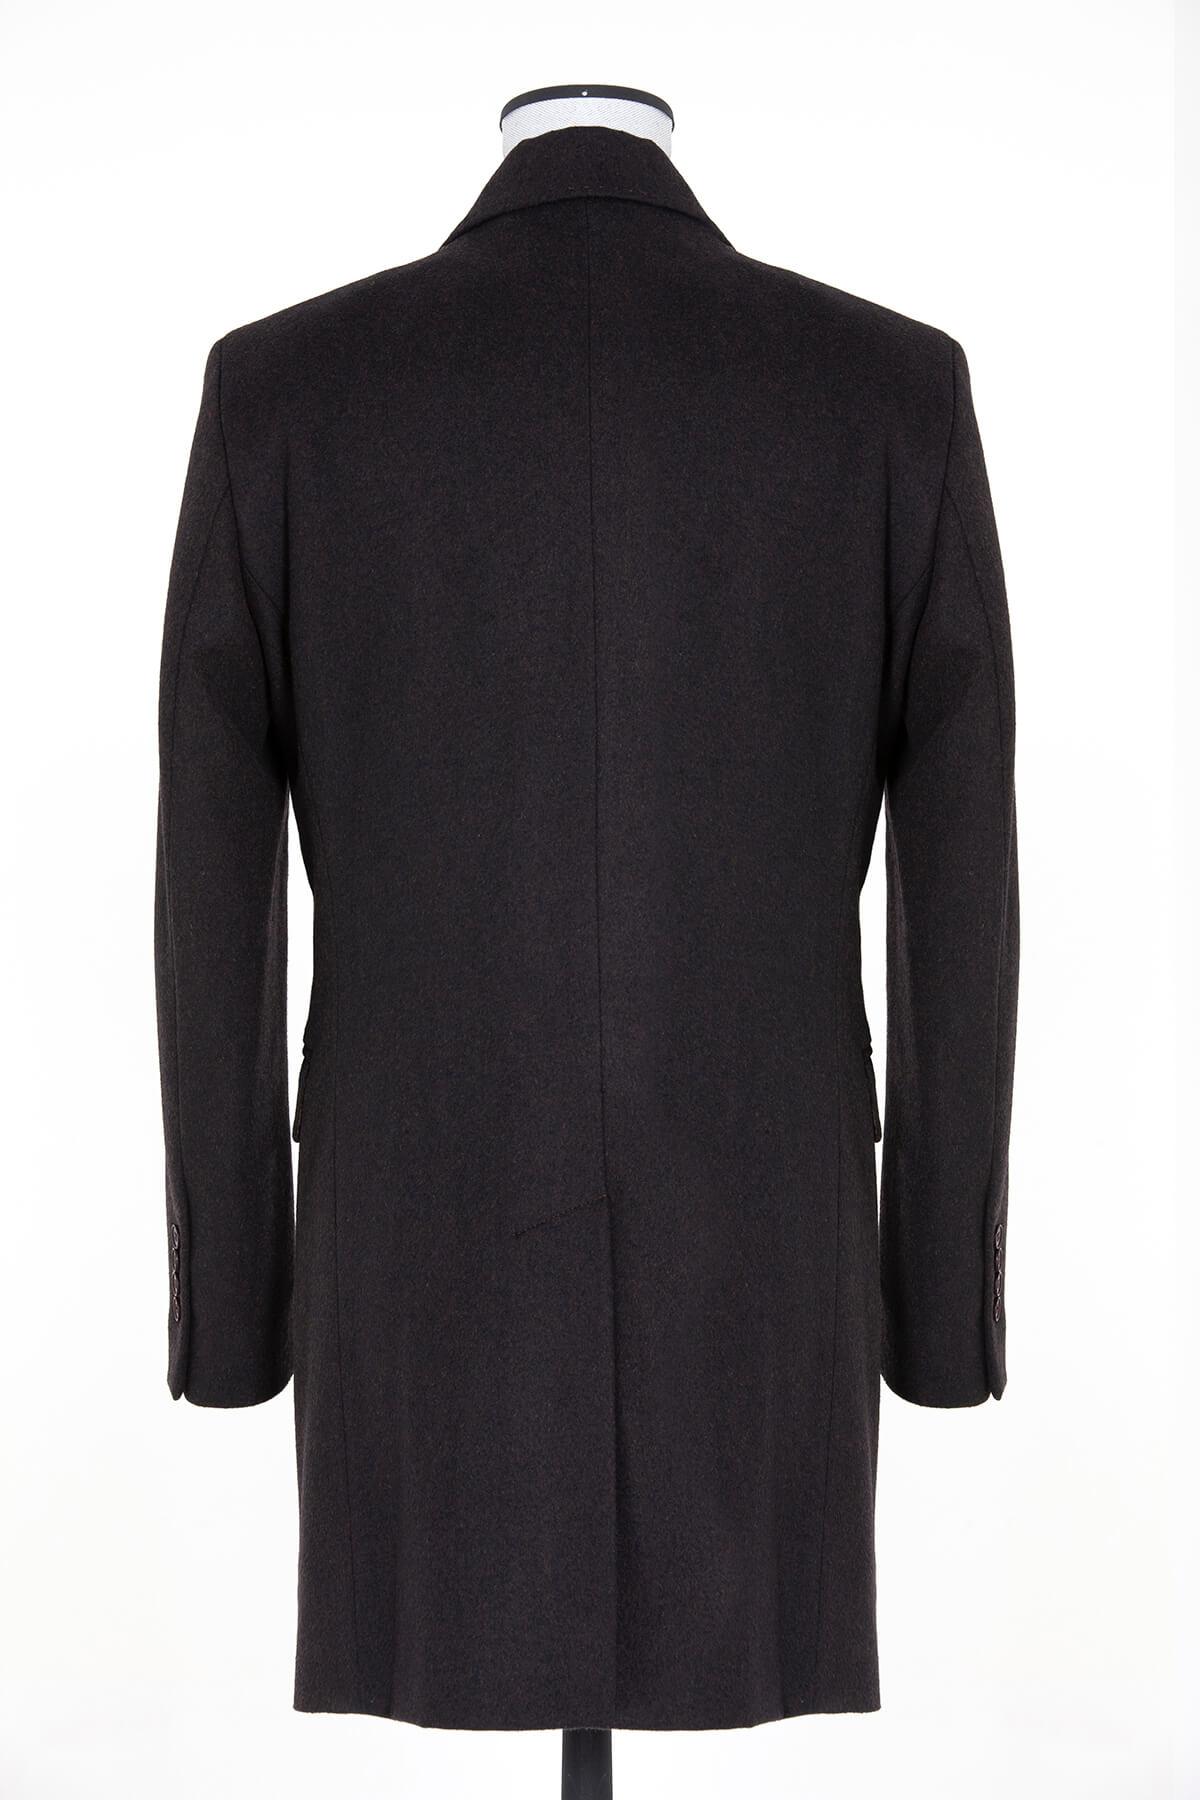 Kahveregi Ceket Yaka Yün Palto - Thumbnail